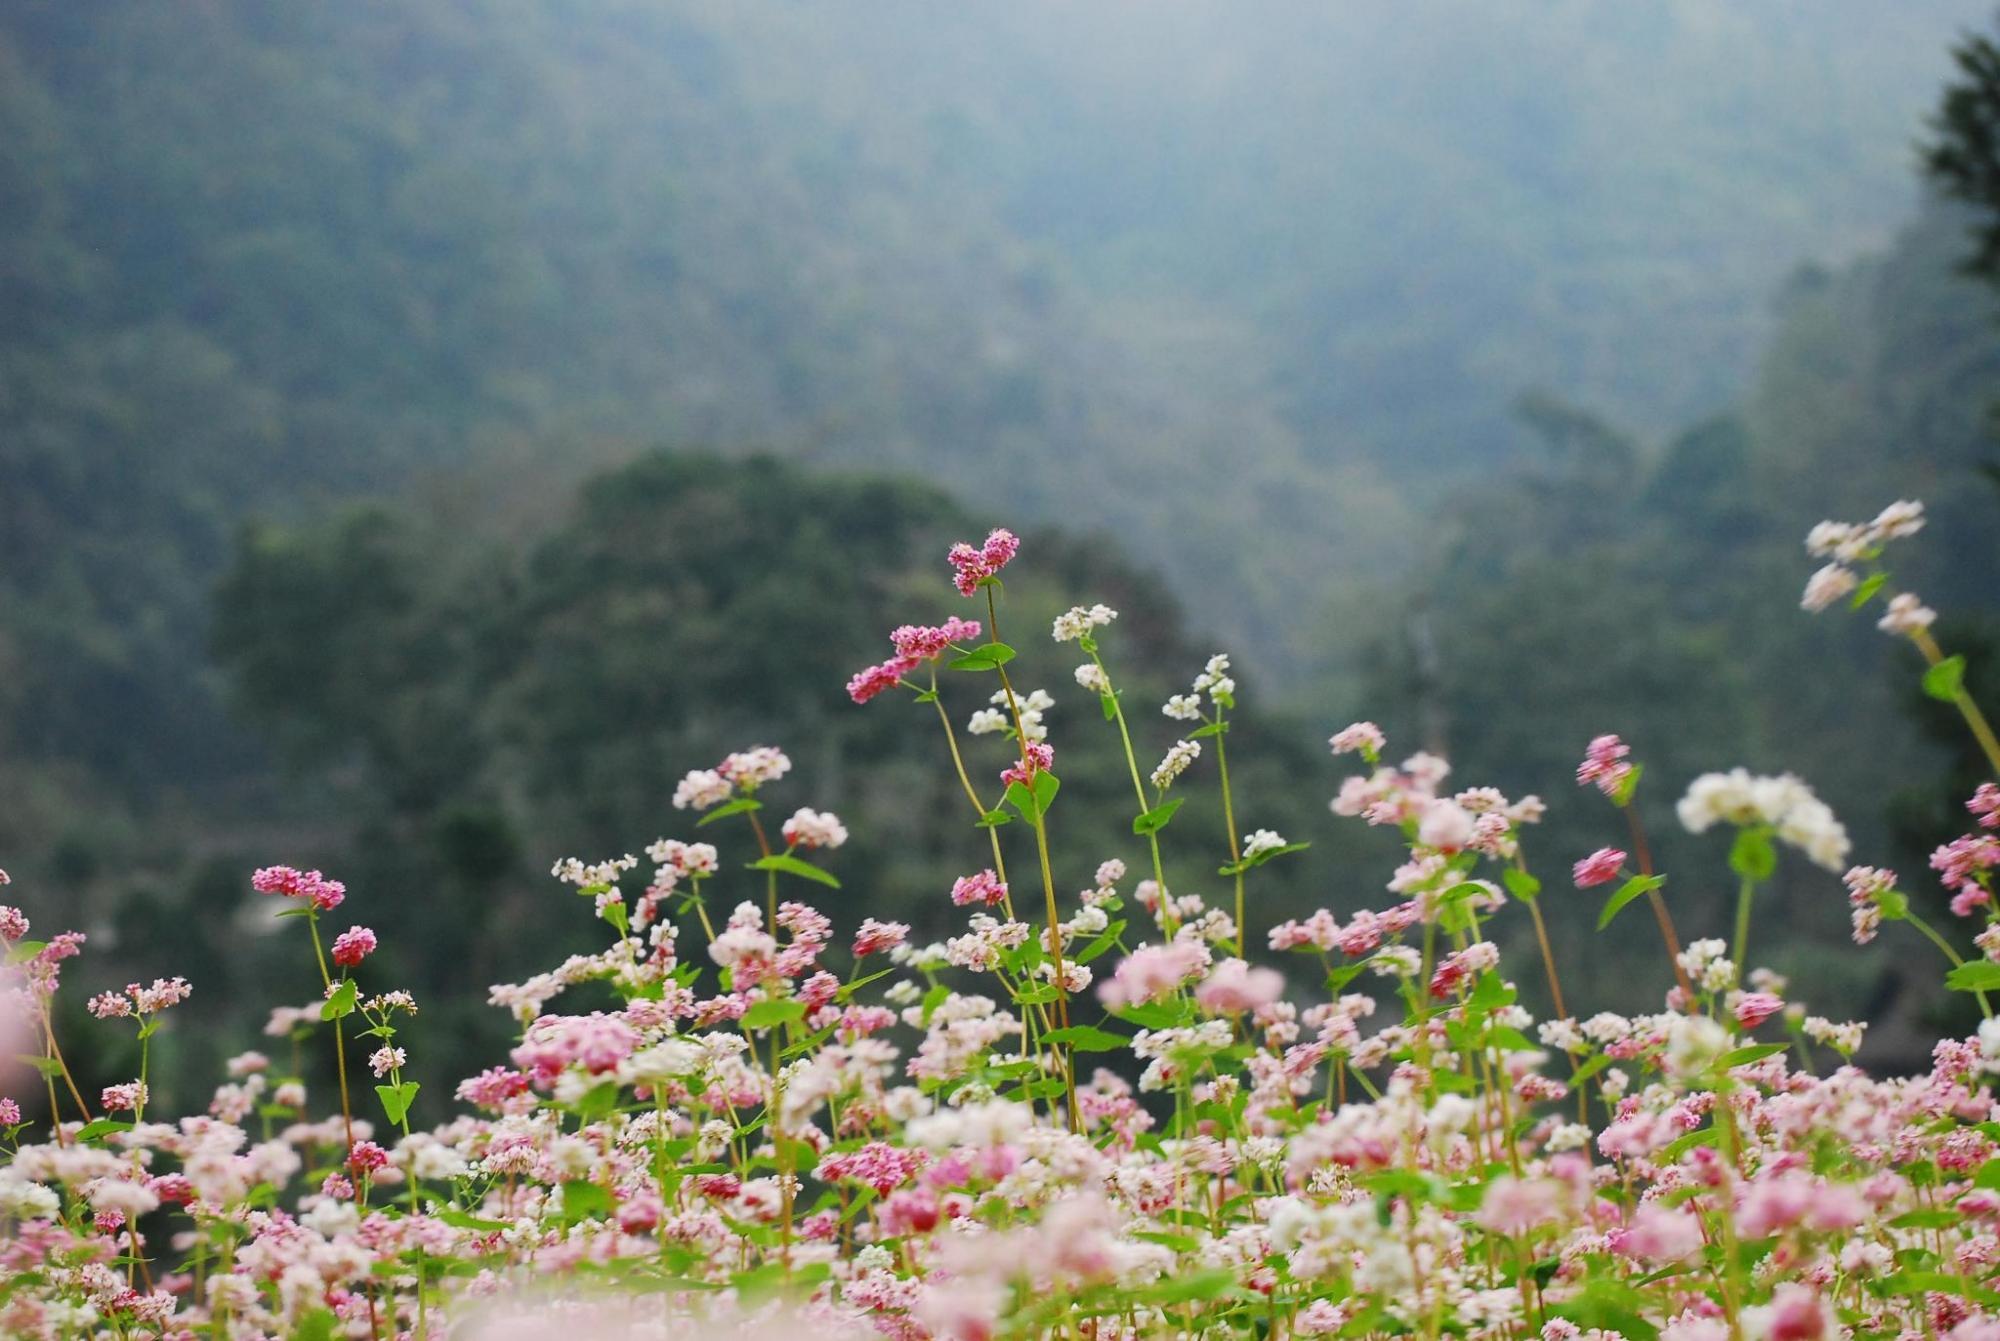 Quyến rũ mùa tam giác mạch nơi cao nguyên đá Hà Giang